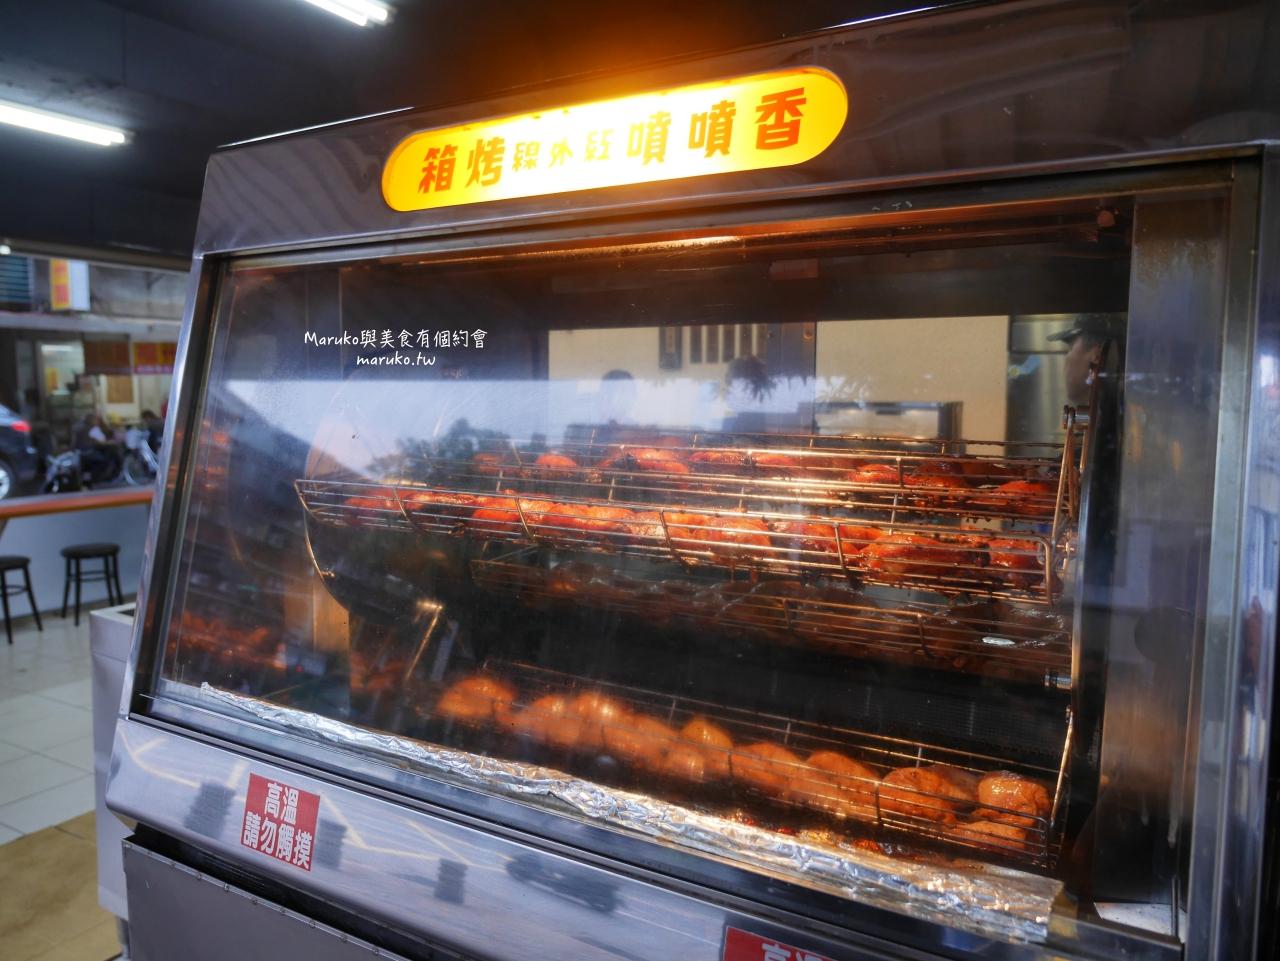 【台北】太二食堂|搭摩天輪的限量烤雞腿便當,南機場夜市美食 @Maruko與美食有個約會